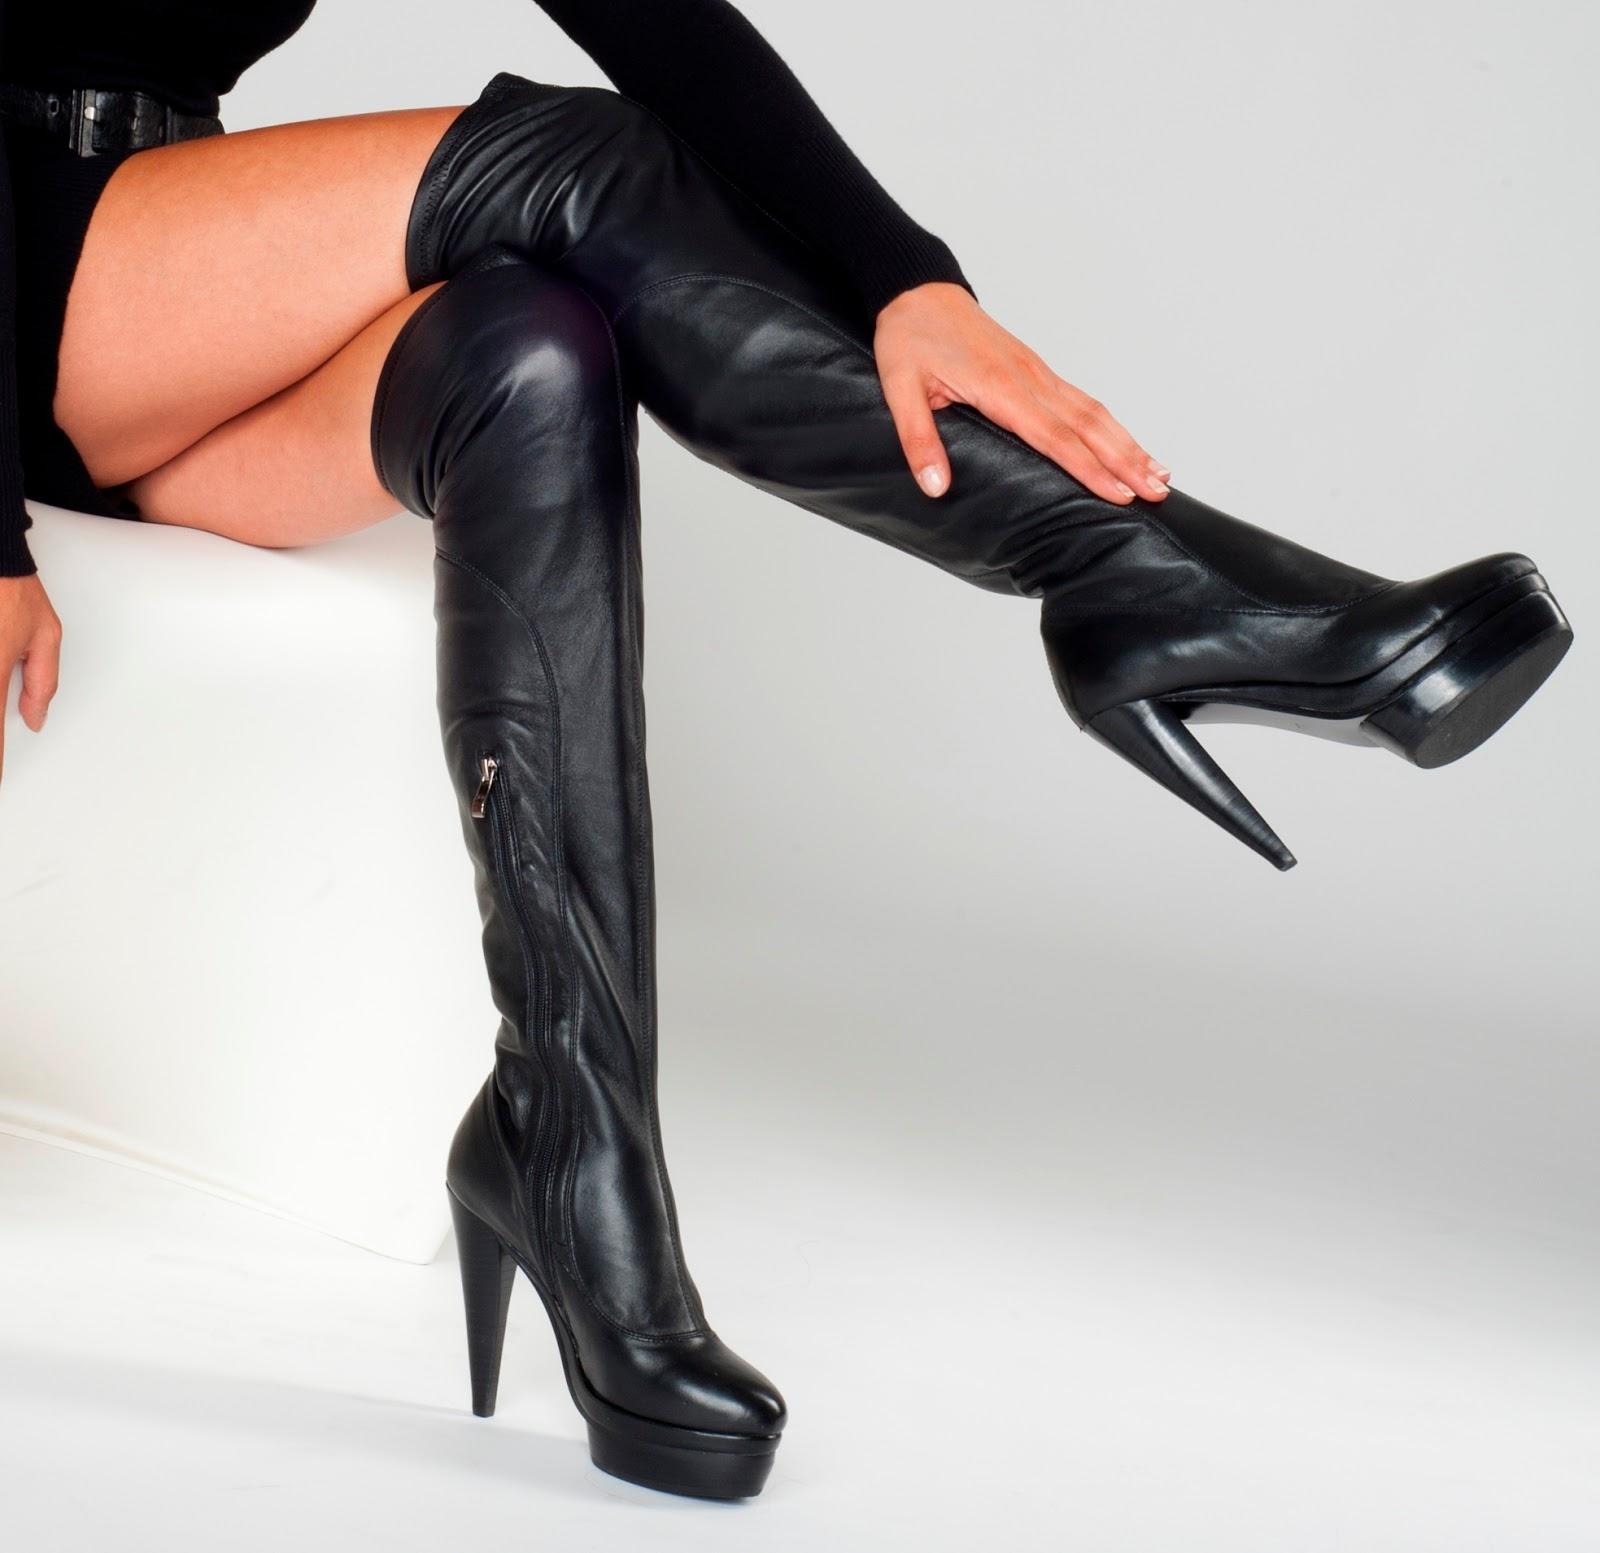 pin arollo stiletto designer overknee stiefel und sexy lange high heel on pinterest. Black Bedroom Furniture Sets. Home Design Ideas